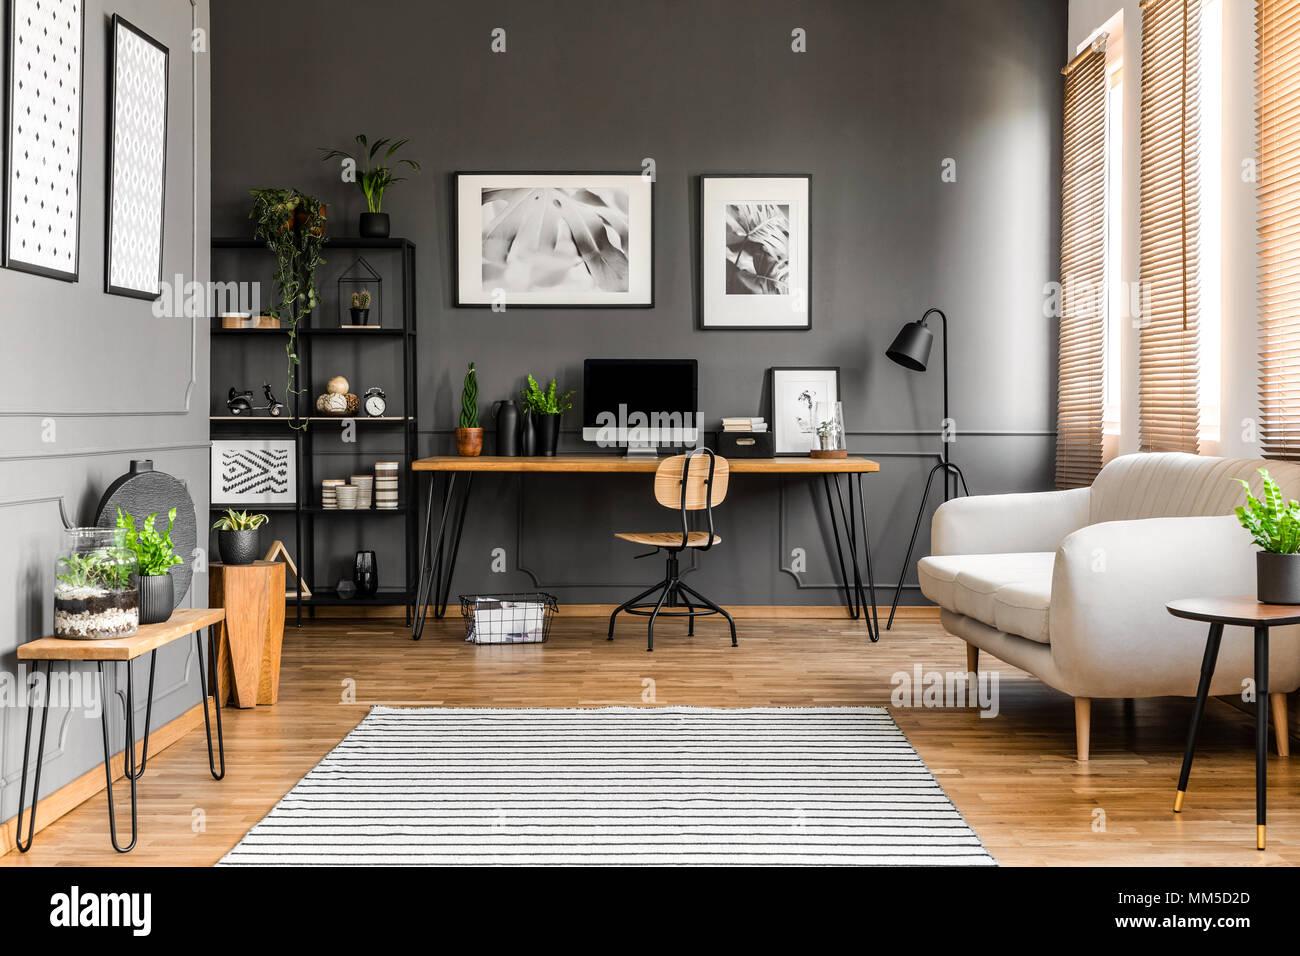 Beige Couch in der Nähe von Holz- Schreibtisch mit Computer Monitor im Gray's Freelancer Inneneinrichtung mit Plakaten und Anlagen Stockbild